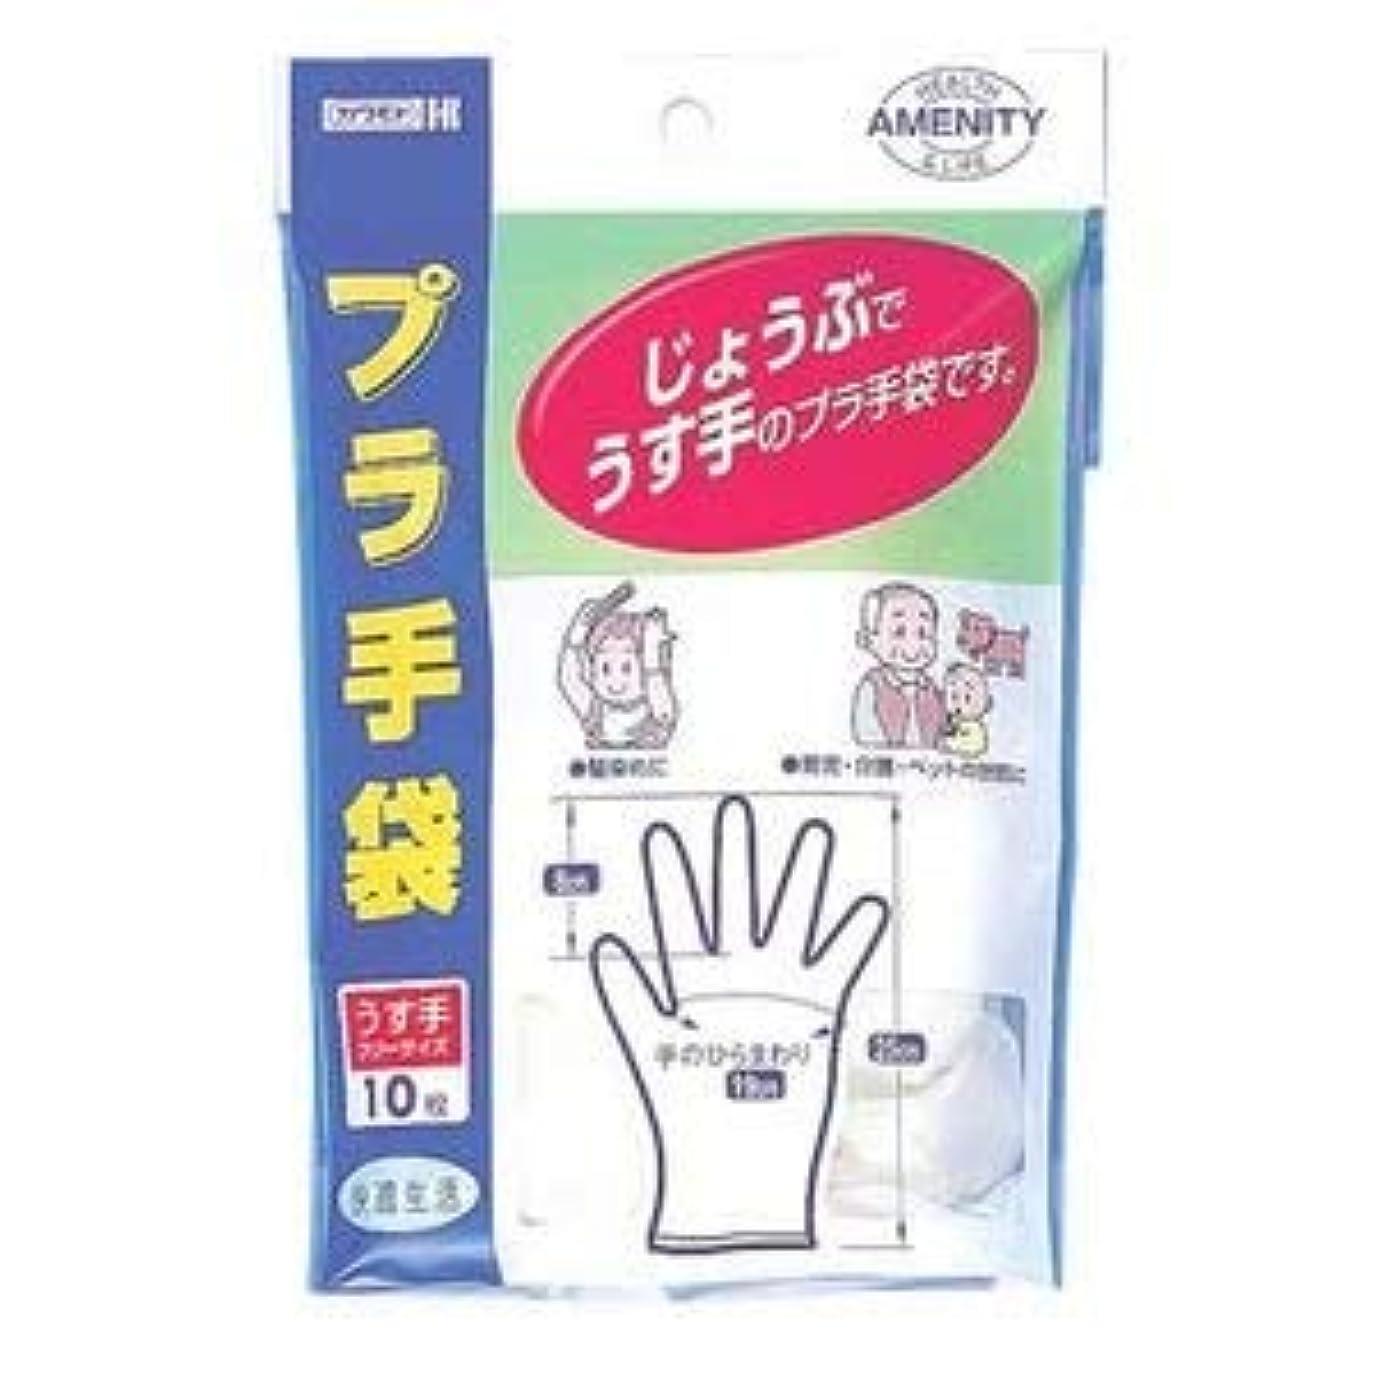 アドバンテージ成熟した医薬カワモト プラ手袋 10枚 ×6個